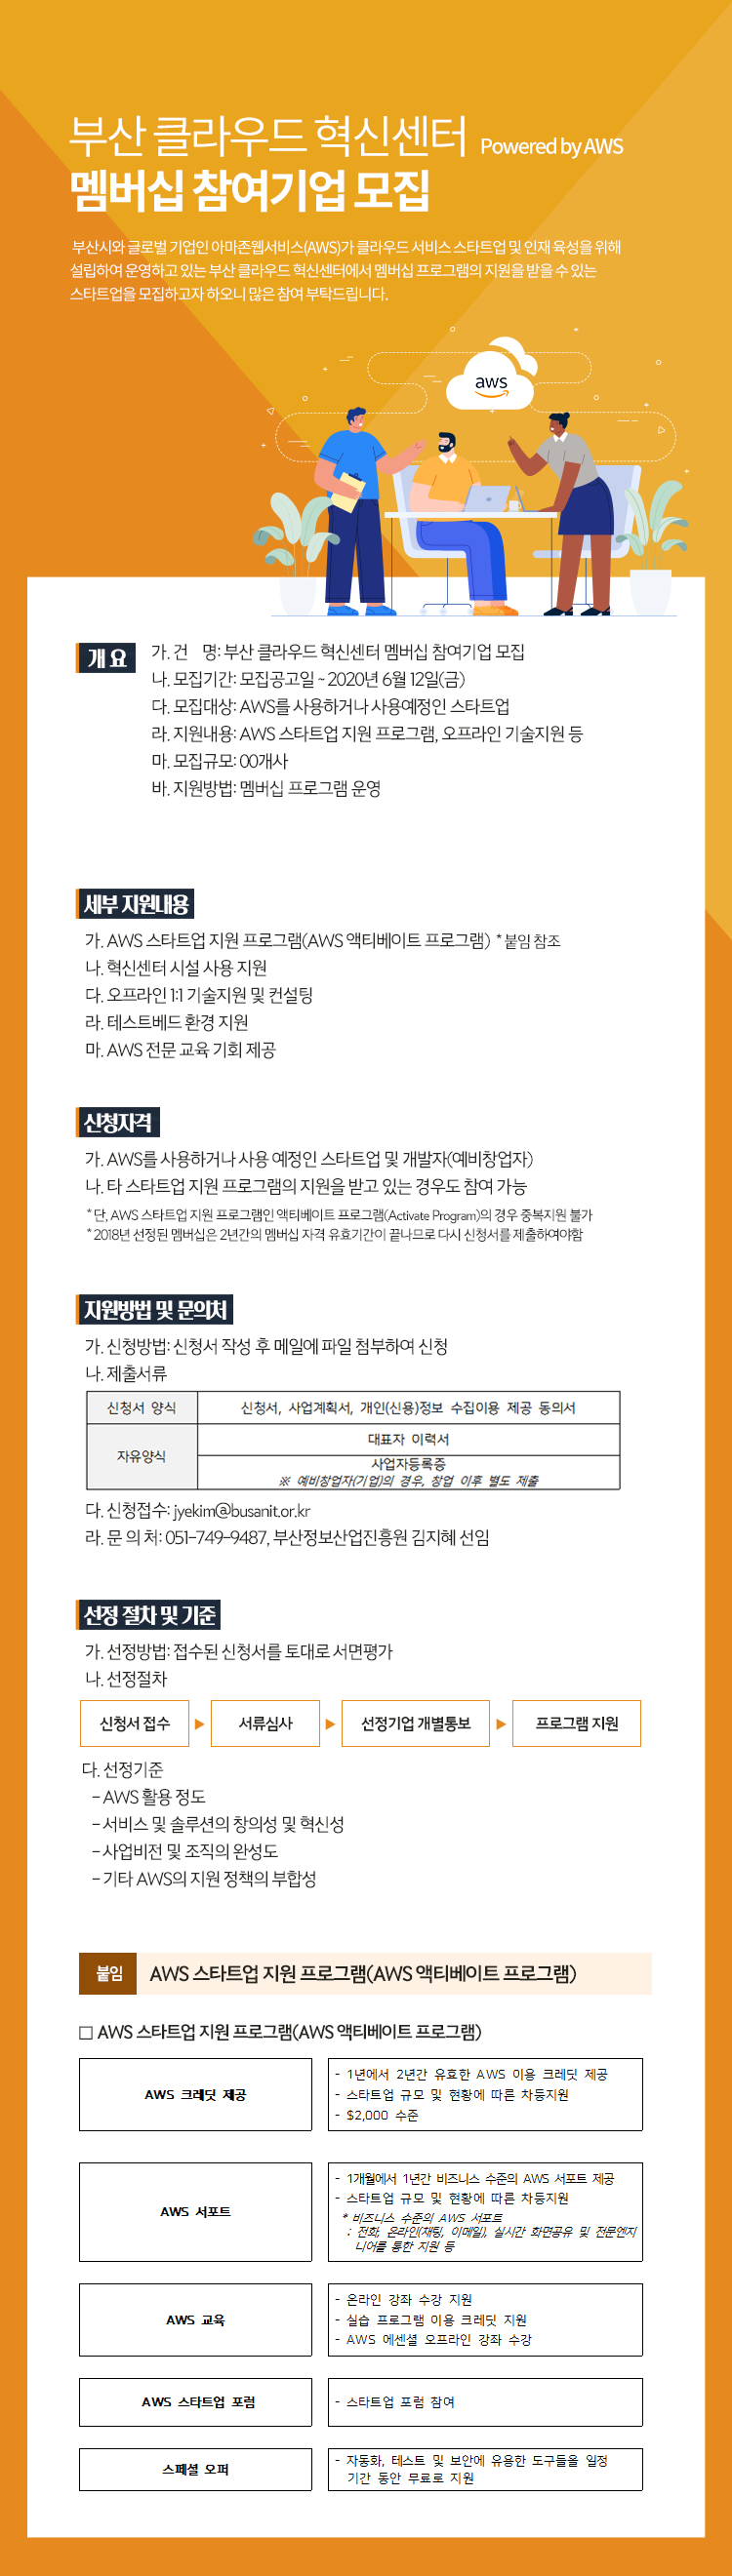 부산 클라우드 혁신센터 Powered by AWS 멤버십 참여기업 모집(~6월 12일까지)